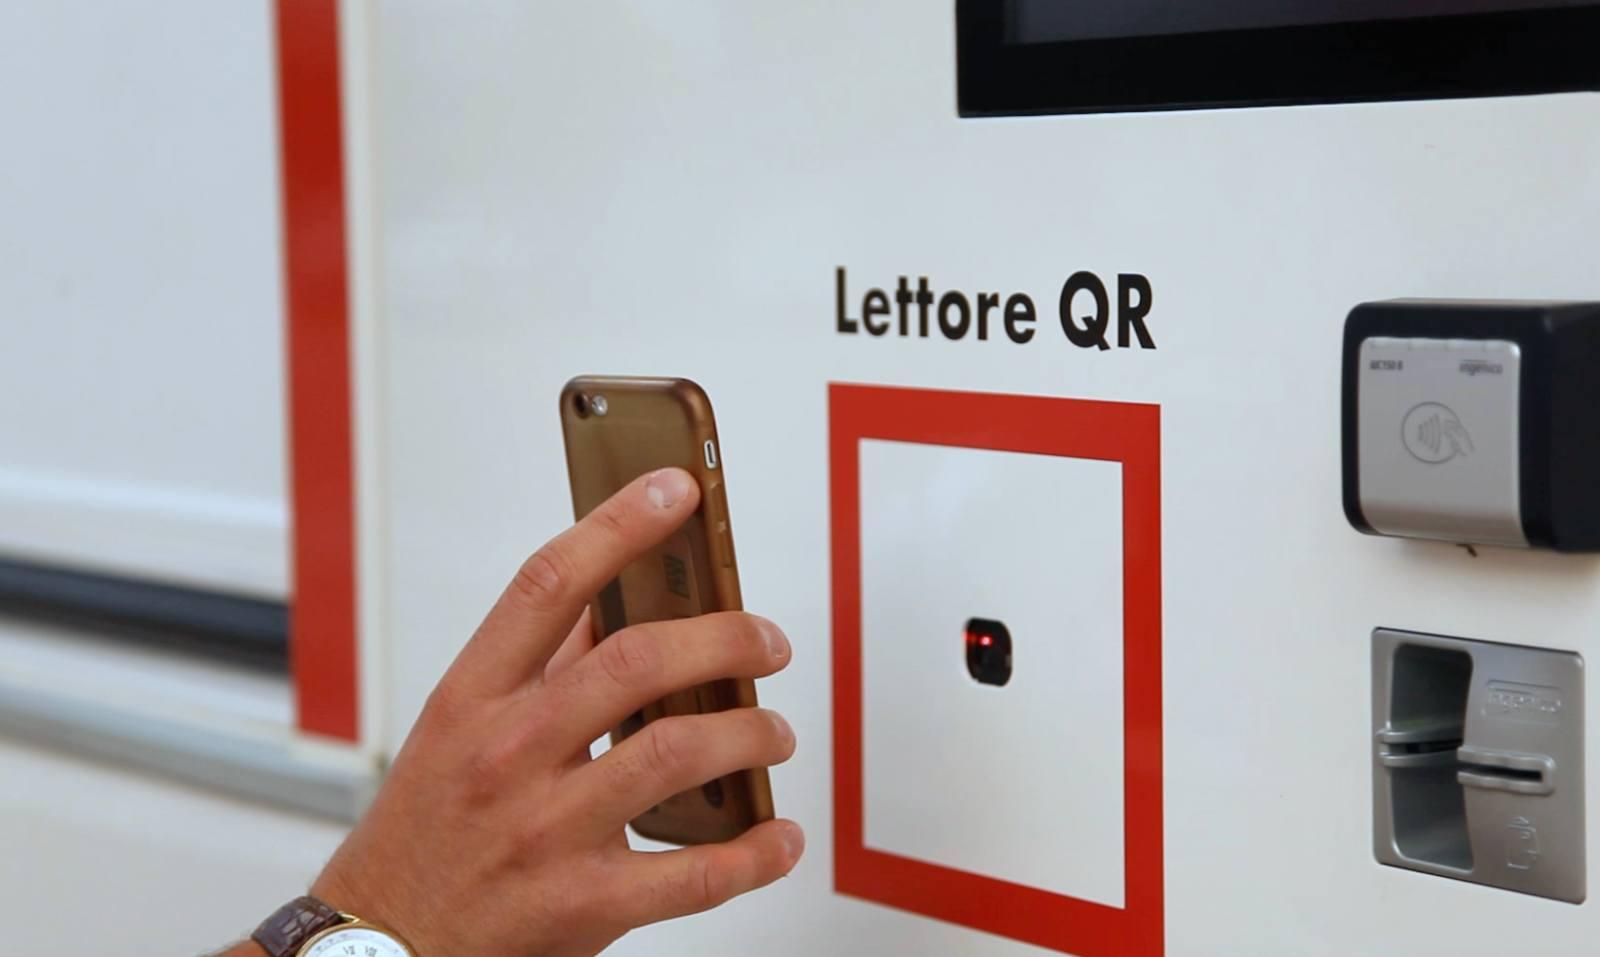 Pagamento e lettura QR Code